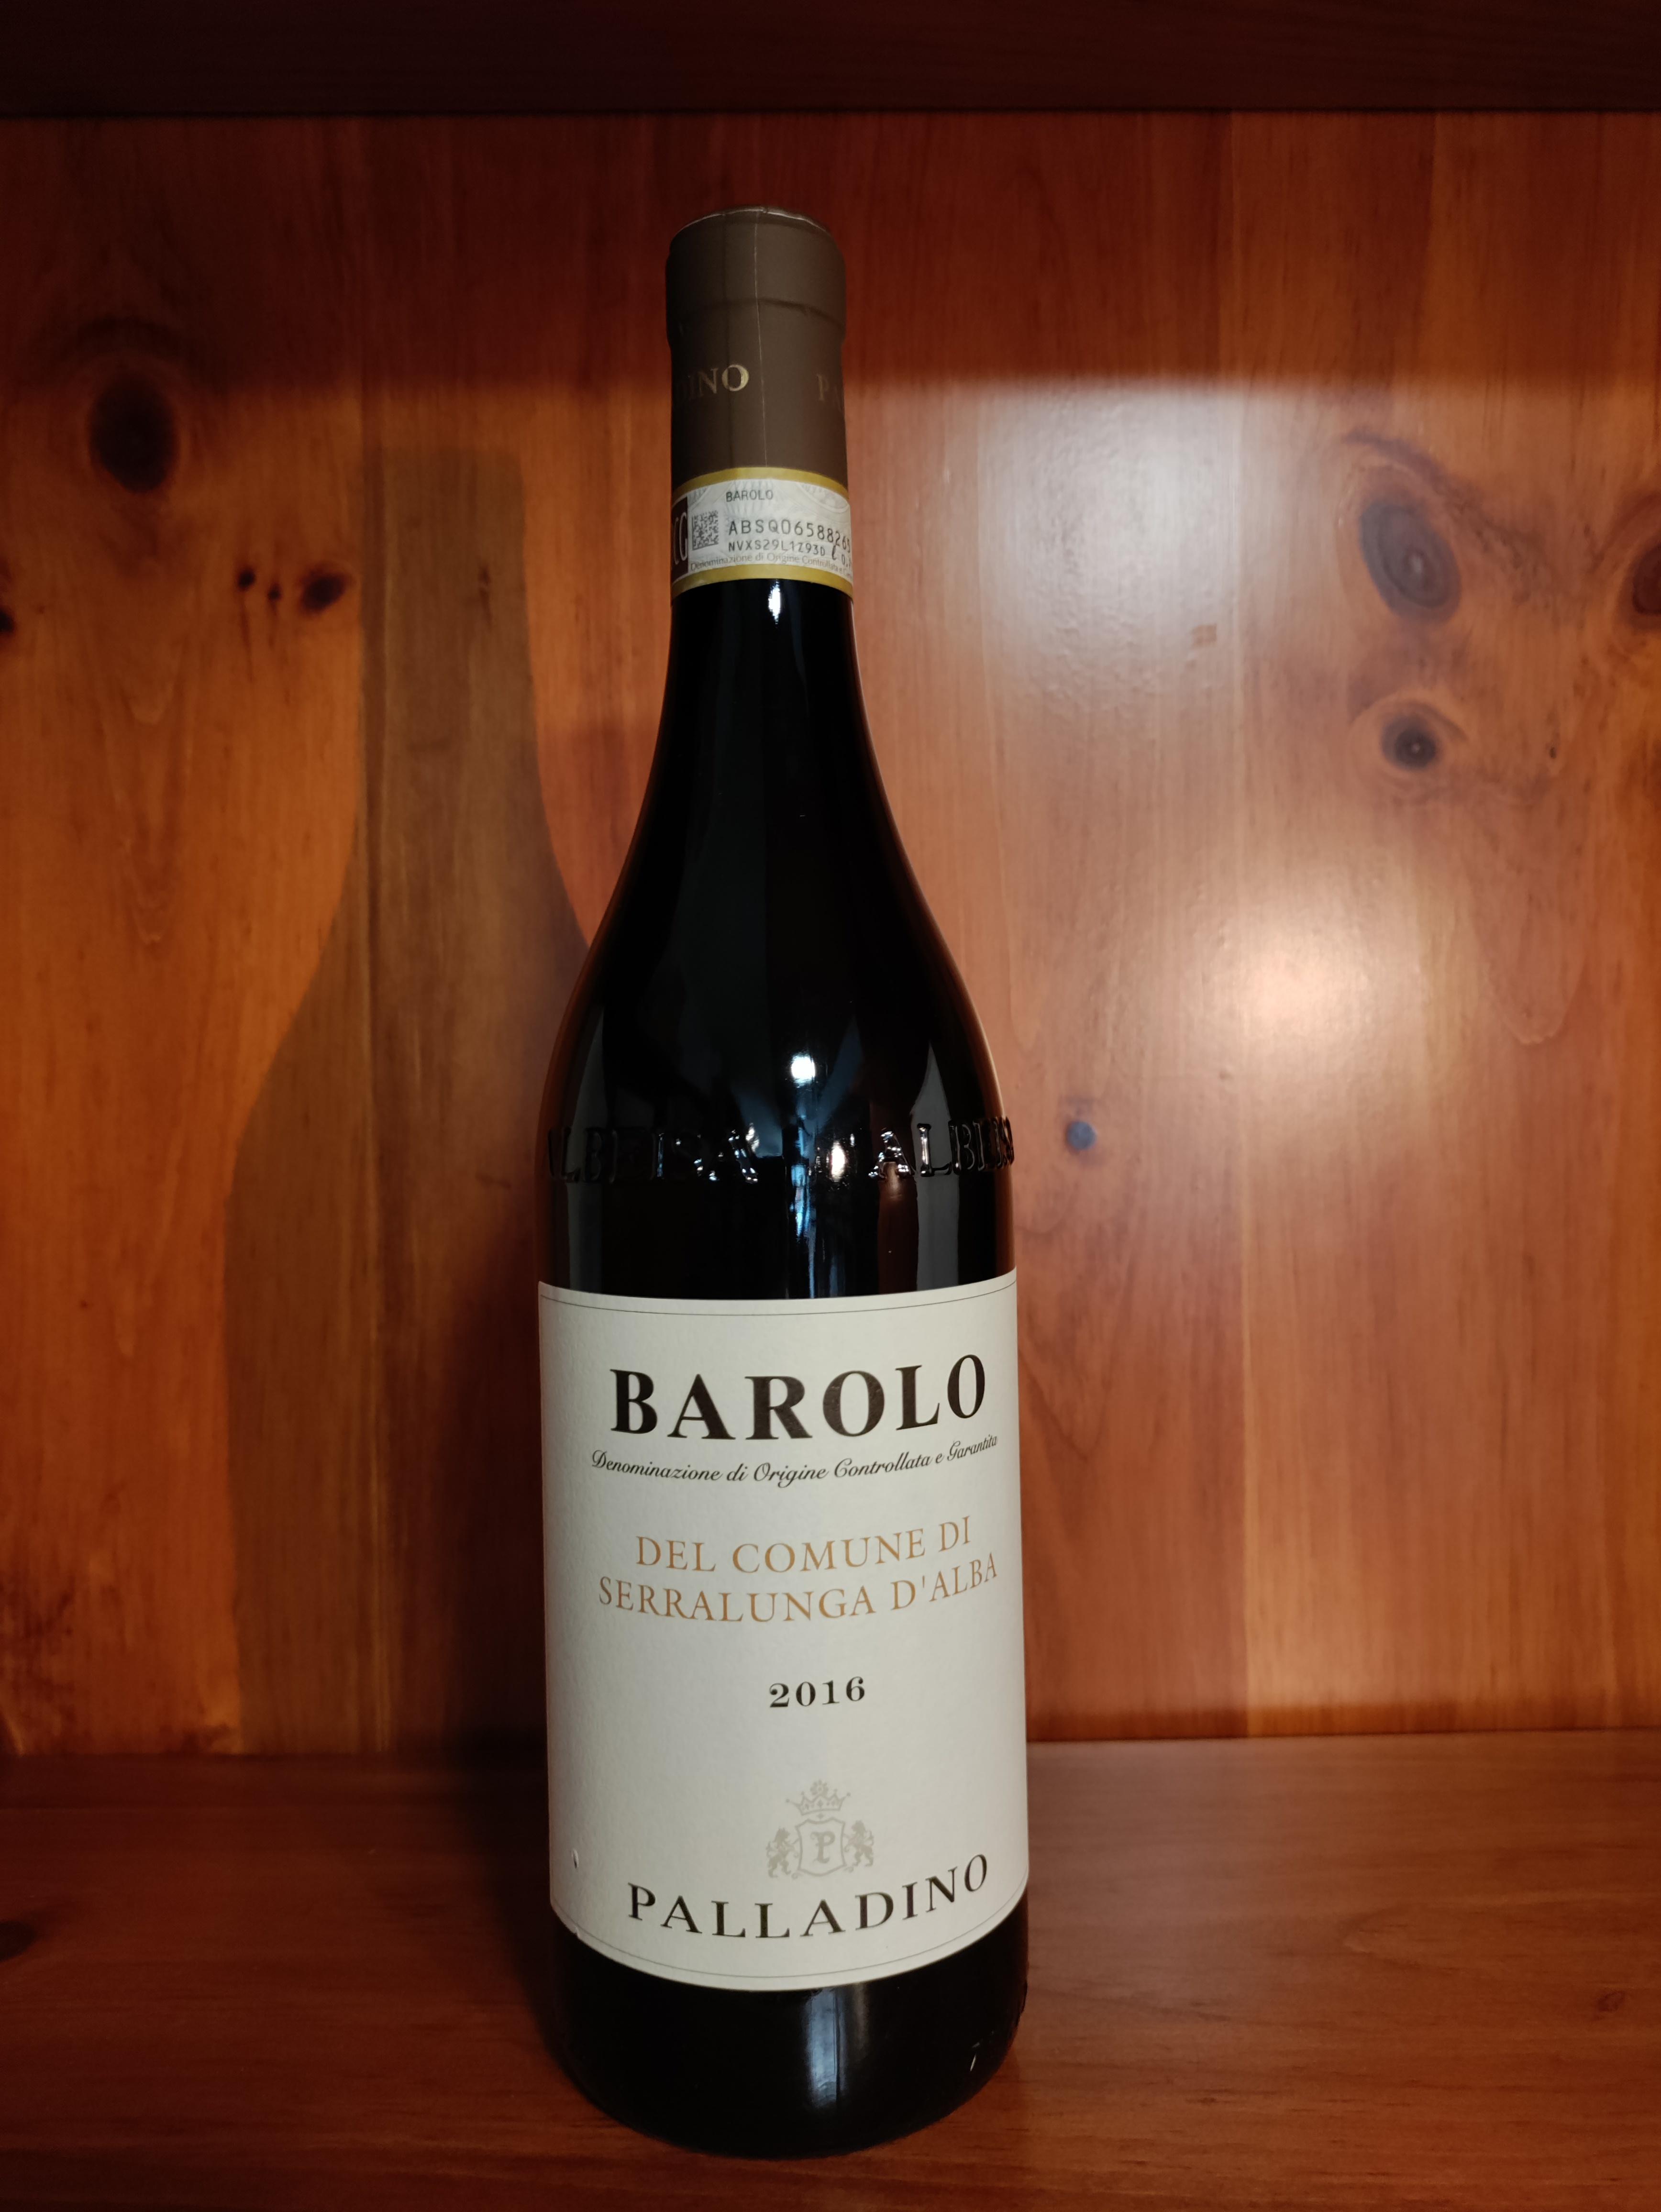 Barolo DOCG 2016 Del Comune di Serralunga D'Alba - Palladino